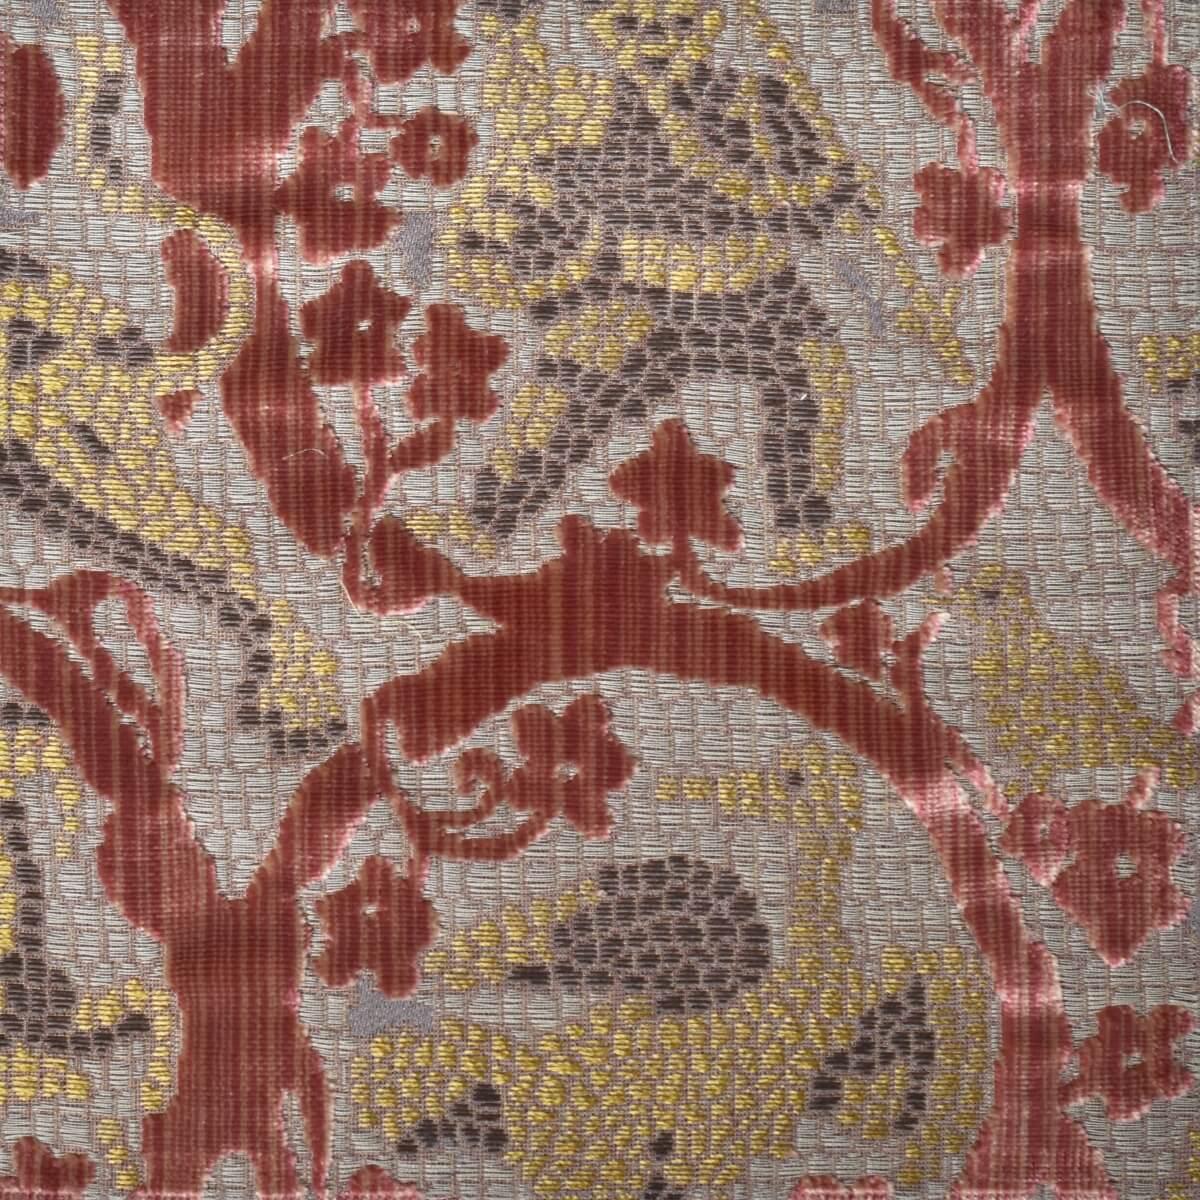 Velluto bacchetta Mosaico 408-3987S multicolore rosa antico | Tessiture Bevilacqua